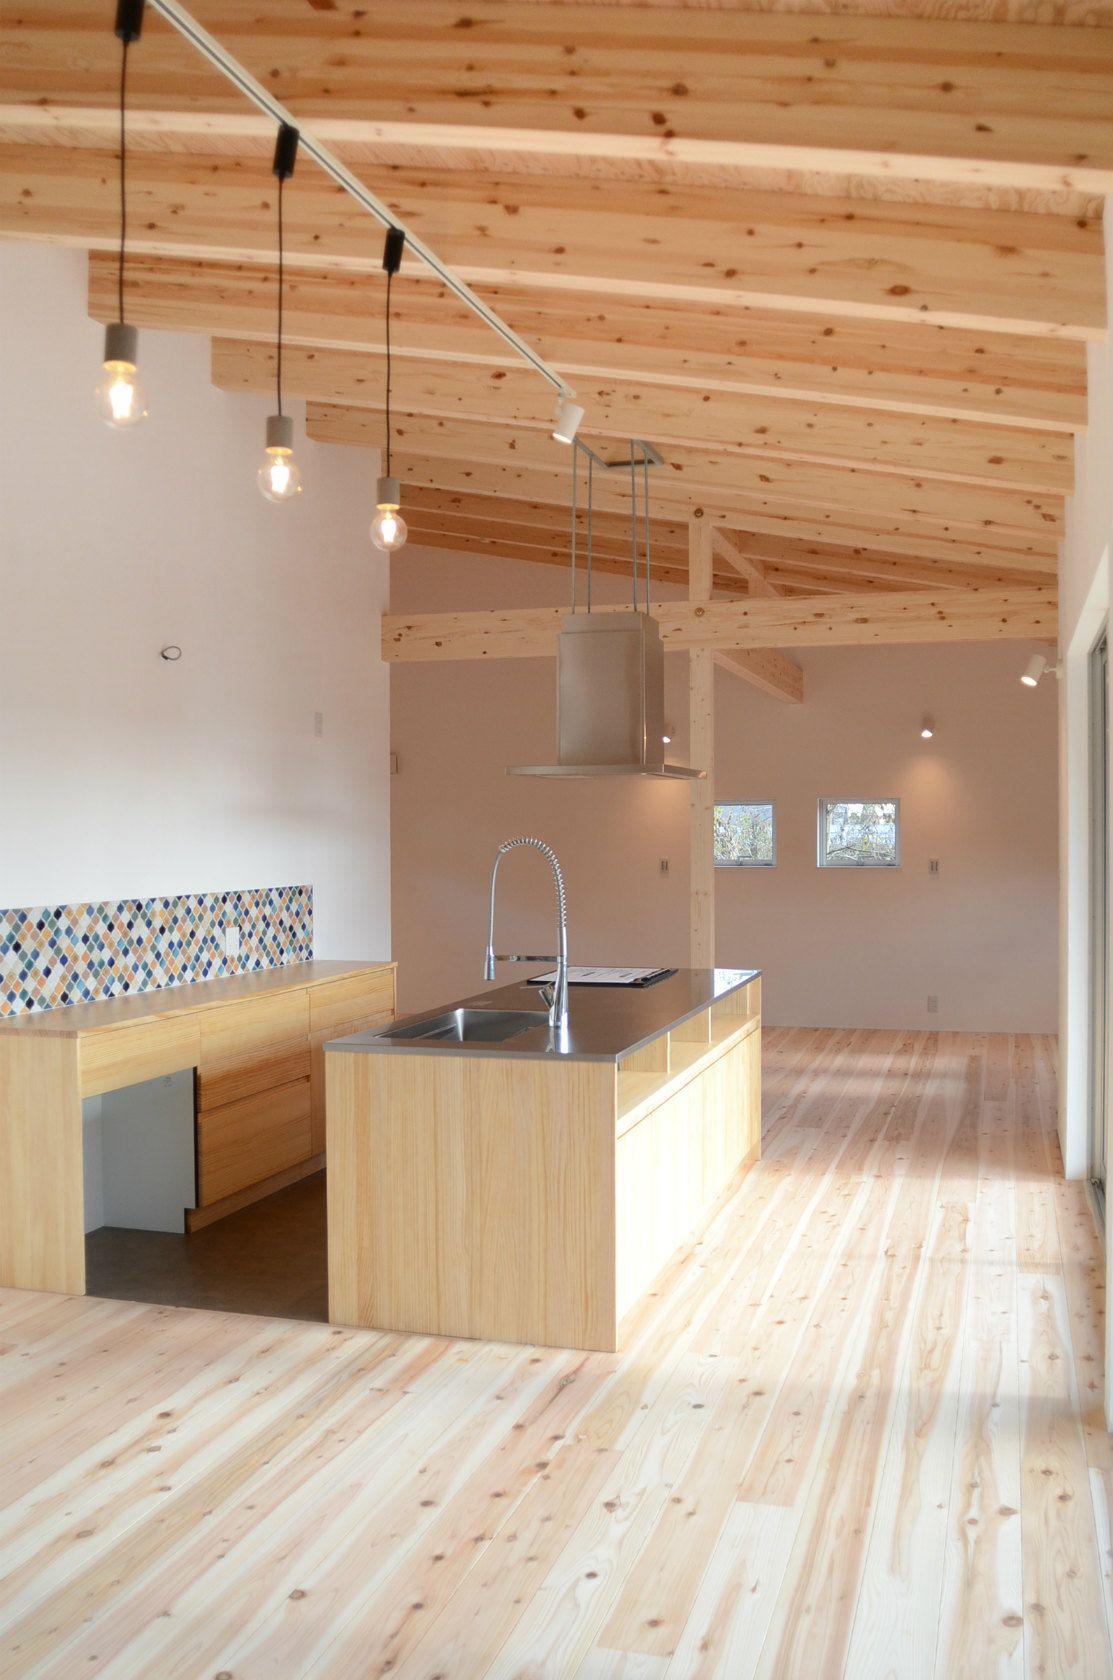 自然を楽しみながら暮らす平屋の家 大崎上島町 321house ミツイハウス